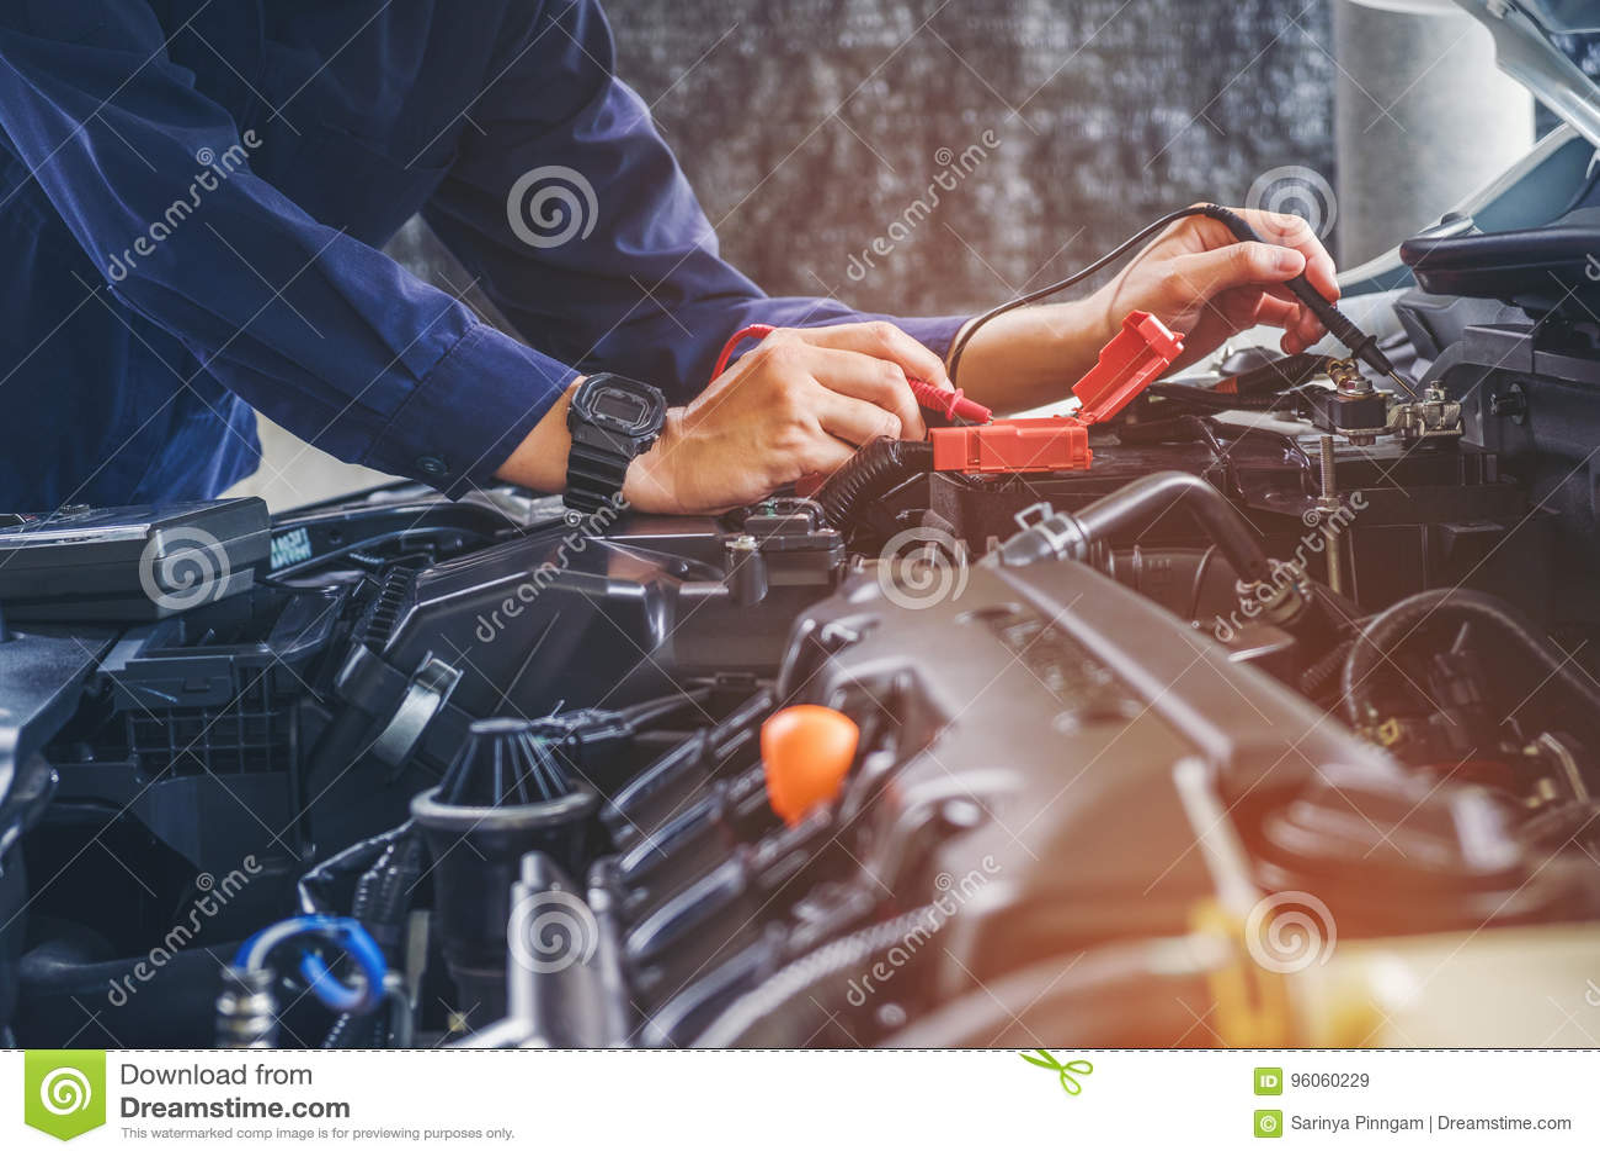 Mains de mécanicien de voiture fonctionnant dans le service des réparations automatique